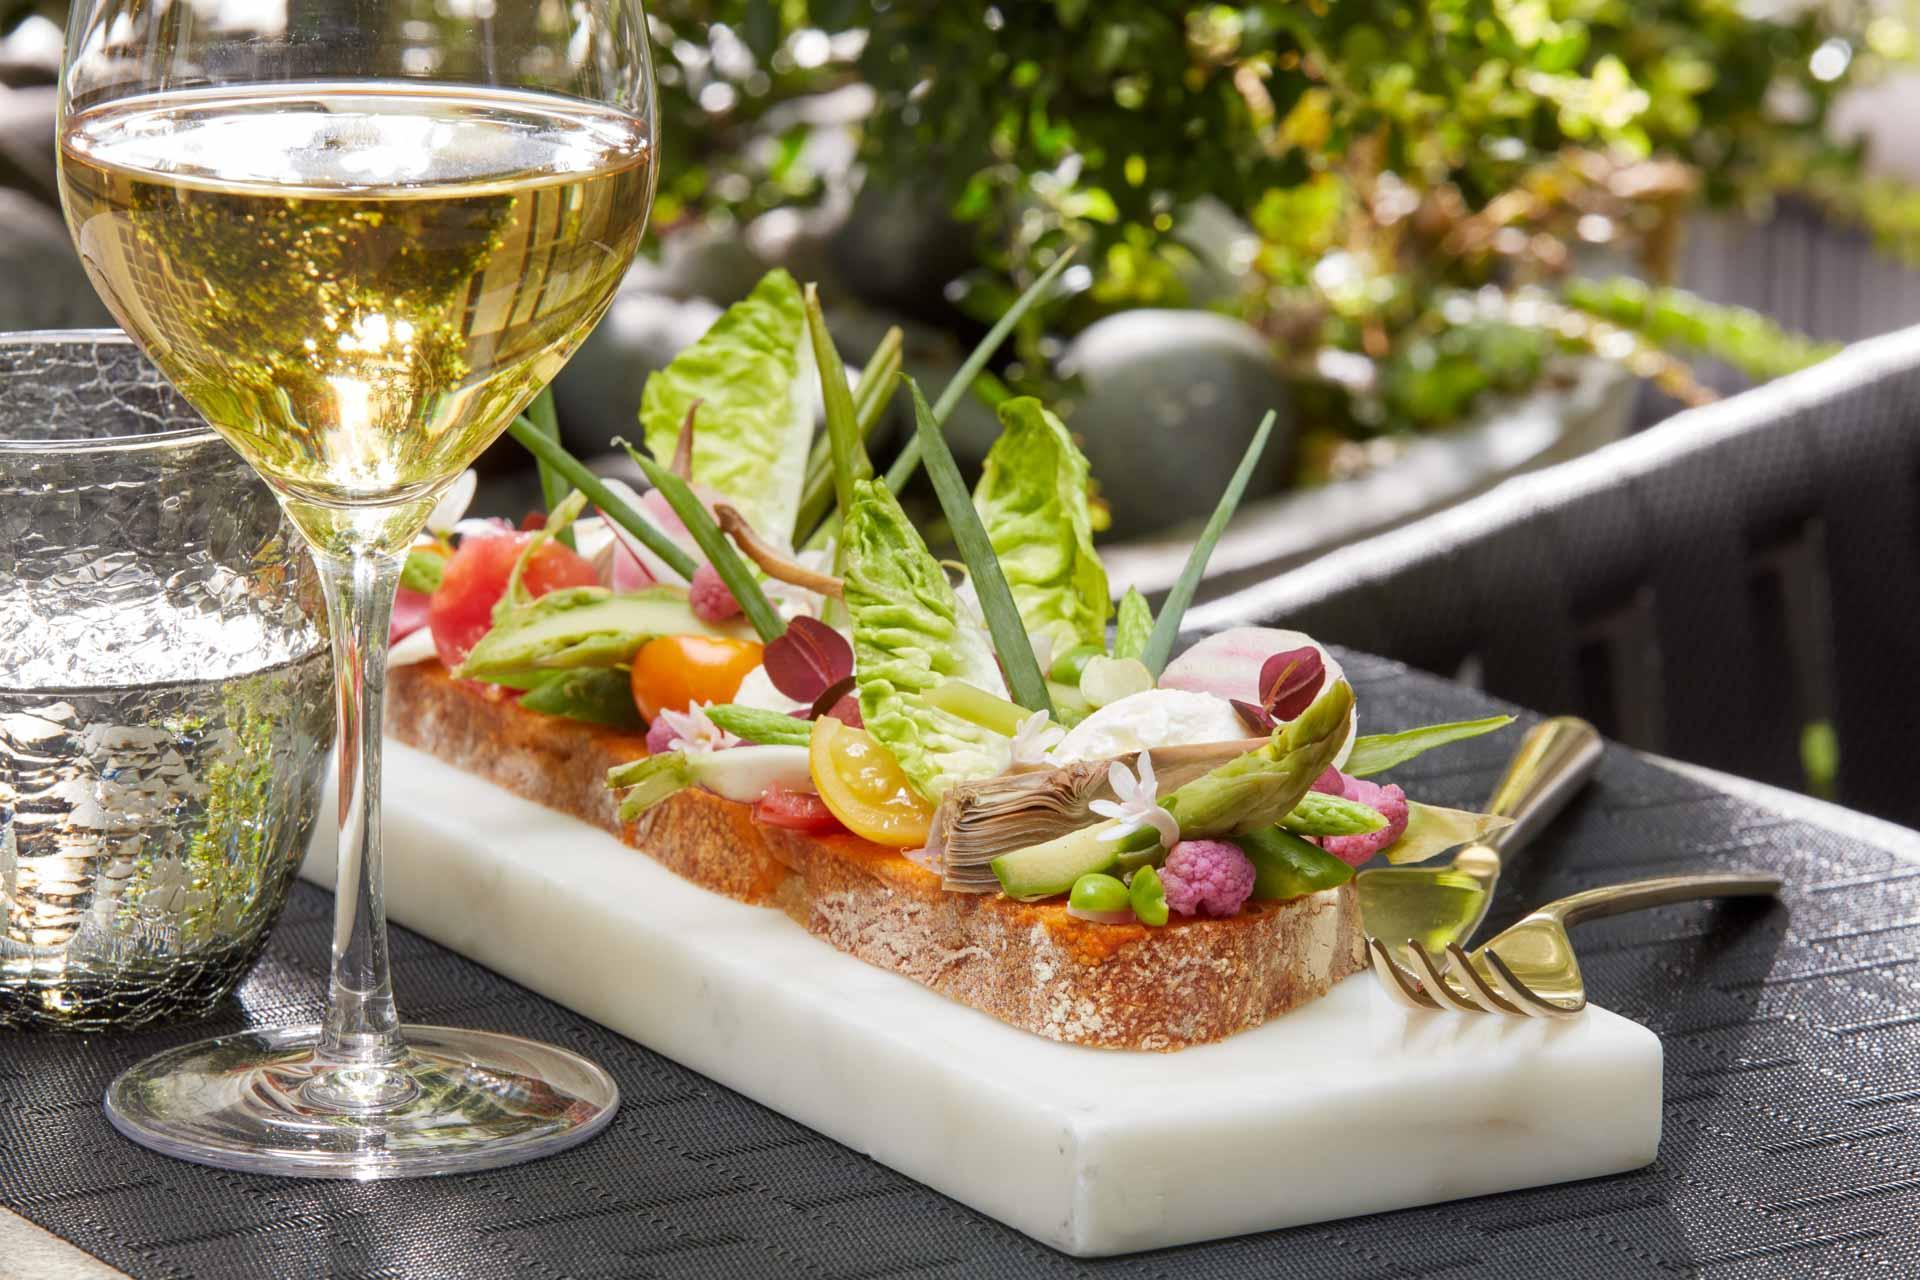 Bruschetta, fraicheur garantit aux beaux jours sur la terrasse du patio © DR